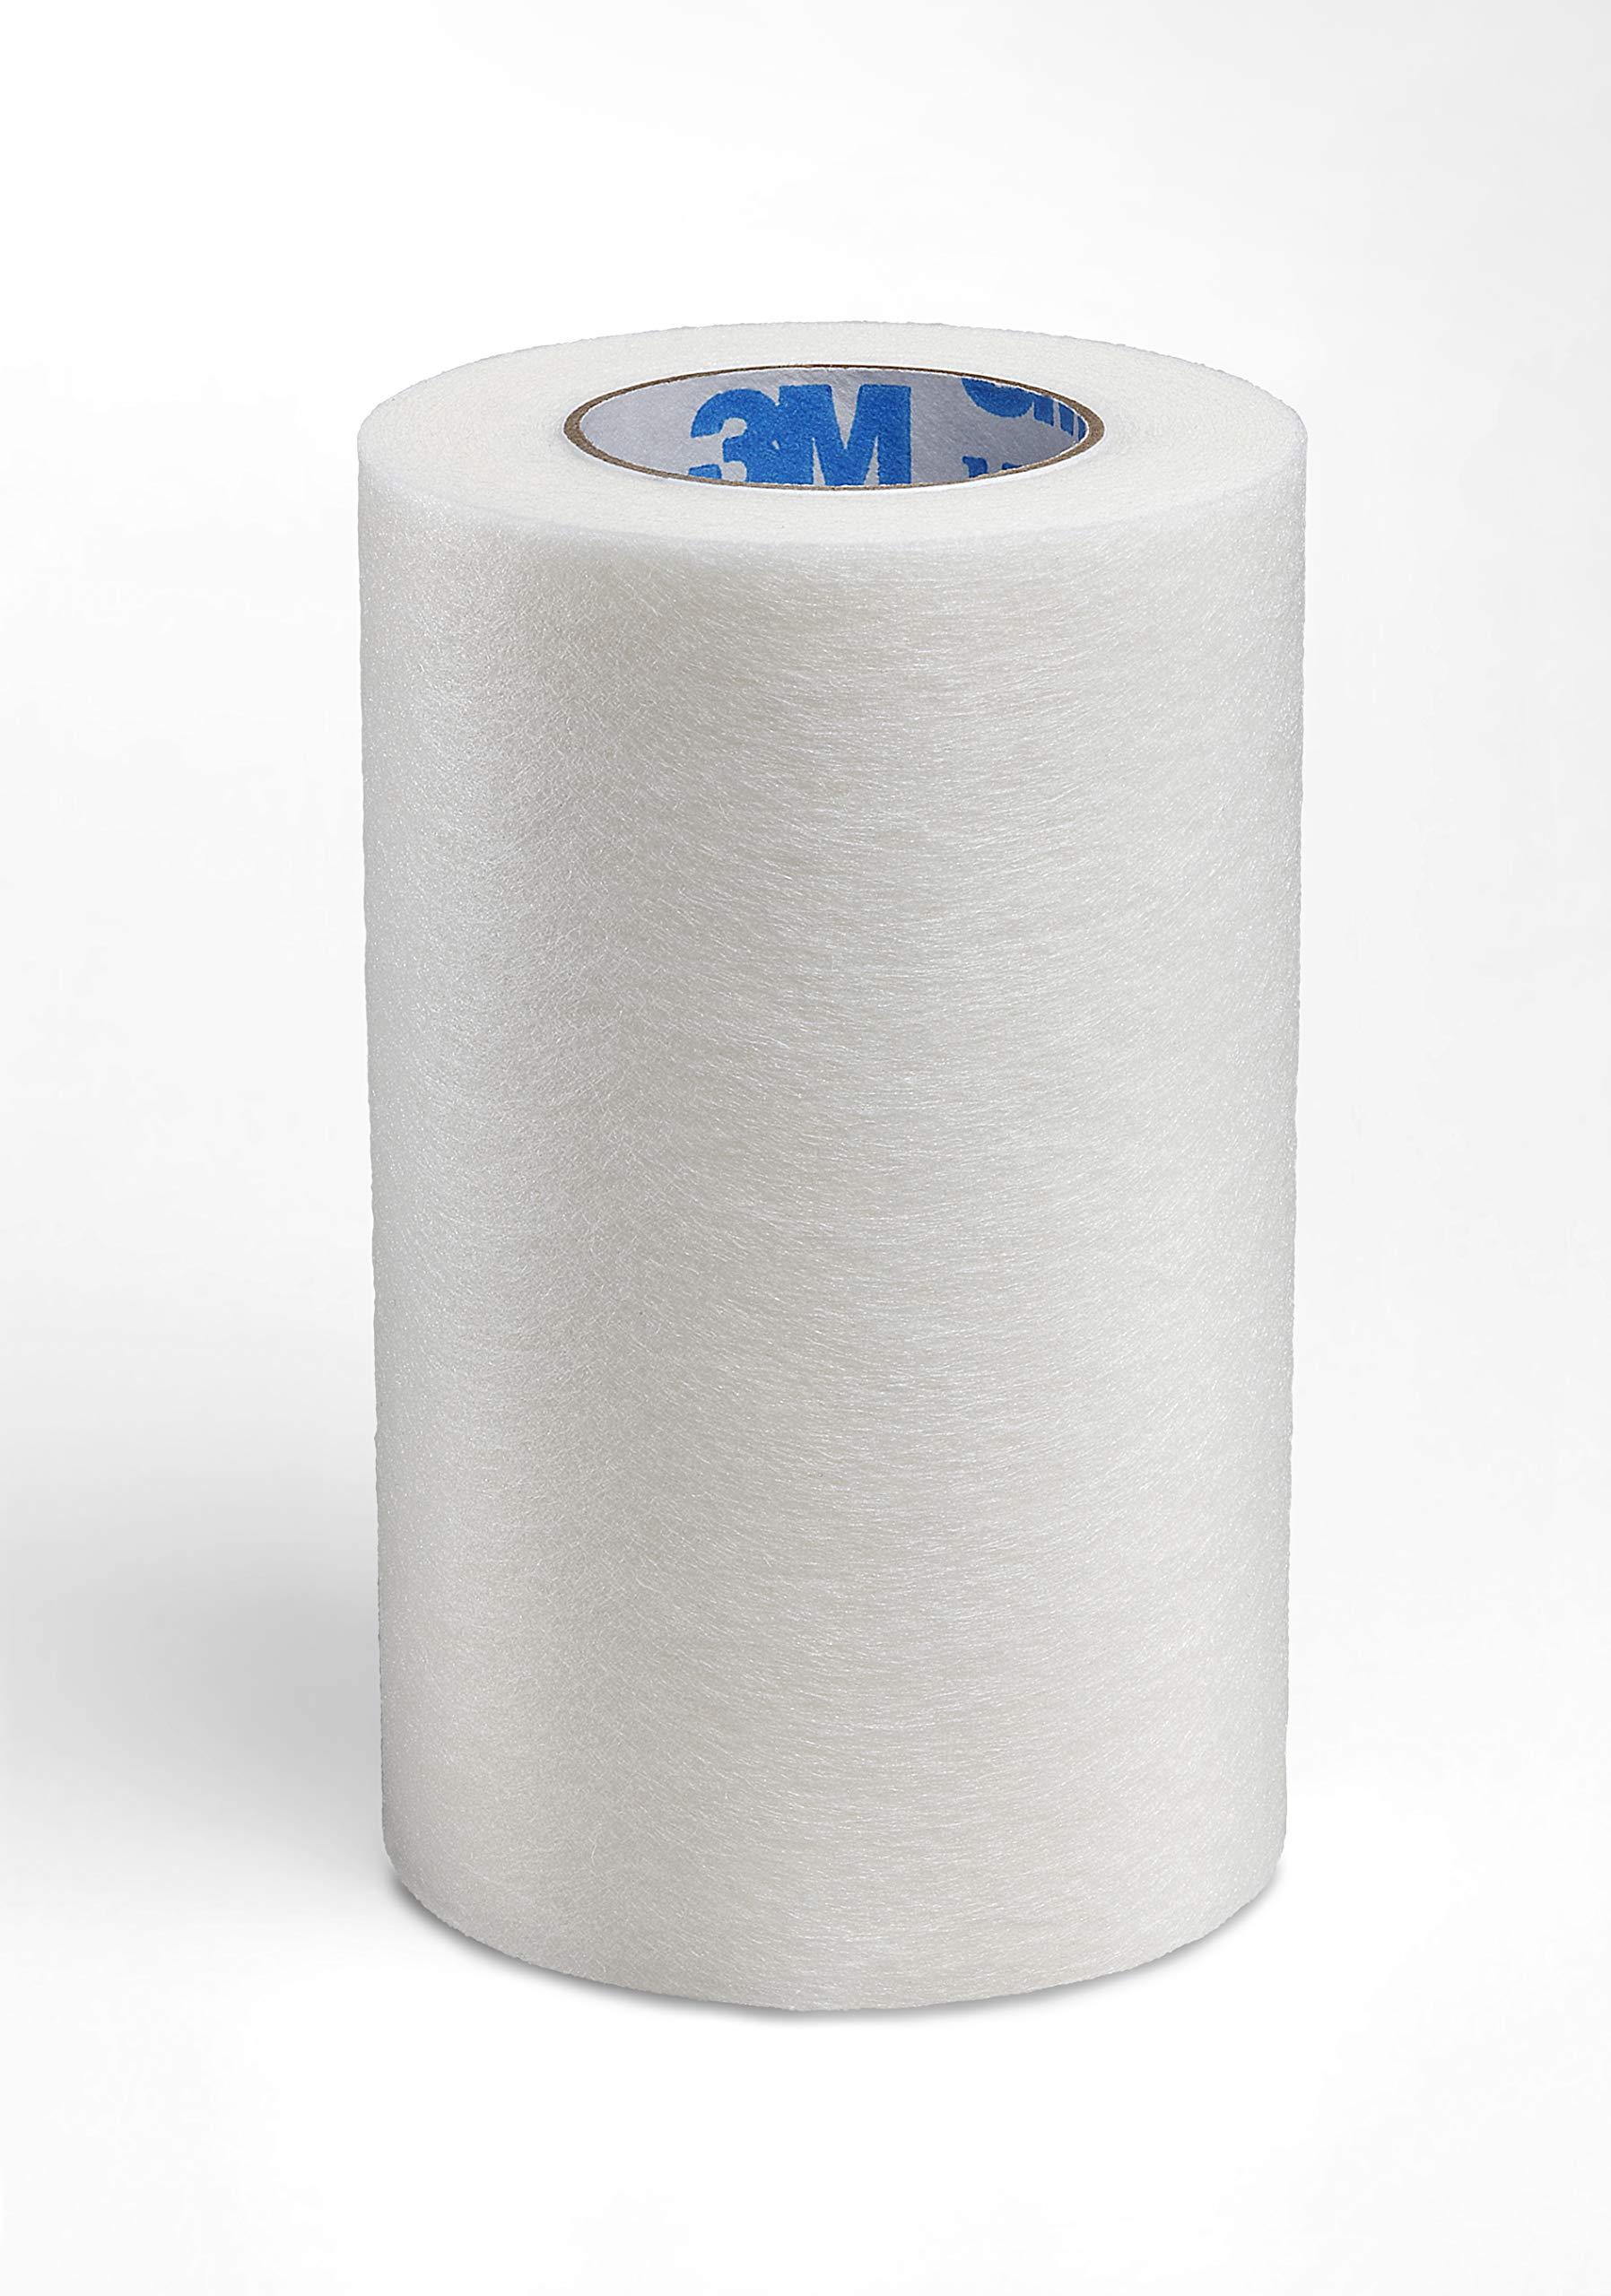 3M Micropore Tape 3 x 10 yd White Case: 10 (4 Per Box Total: 40) by 3M